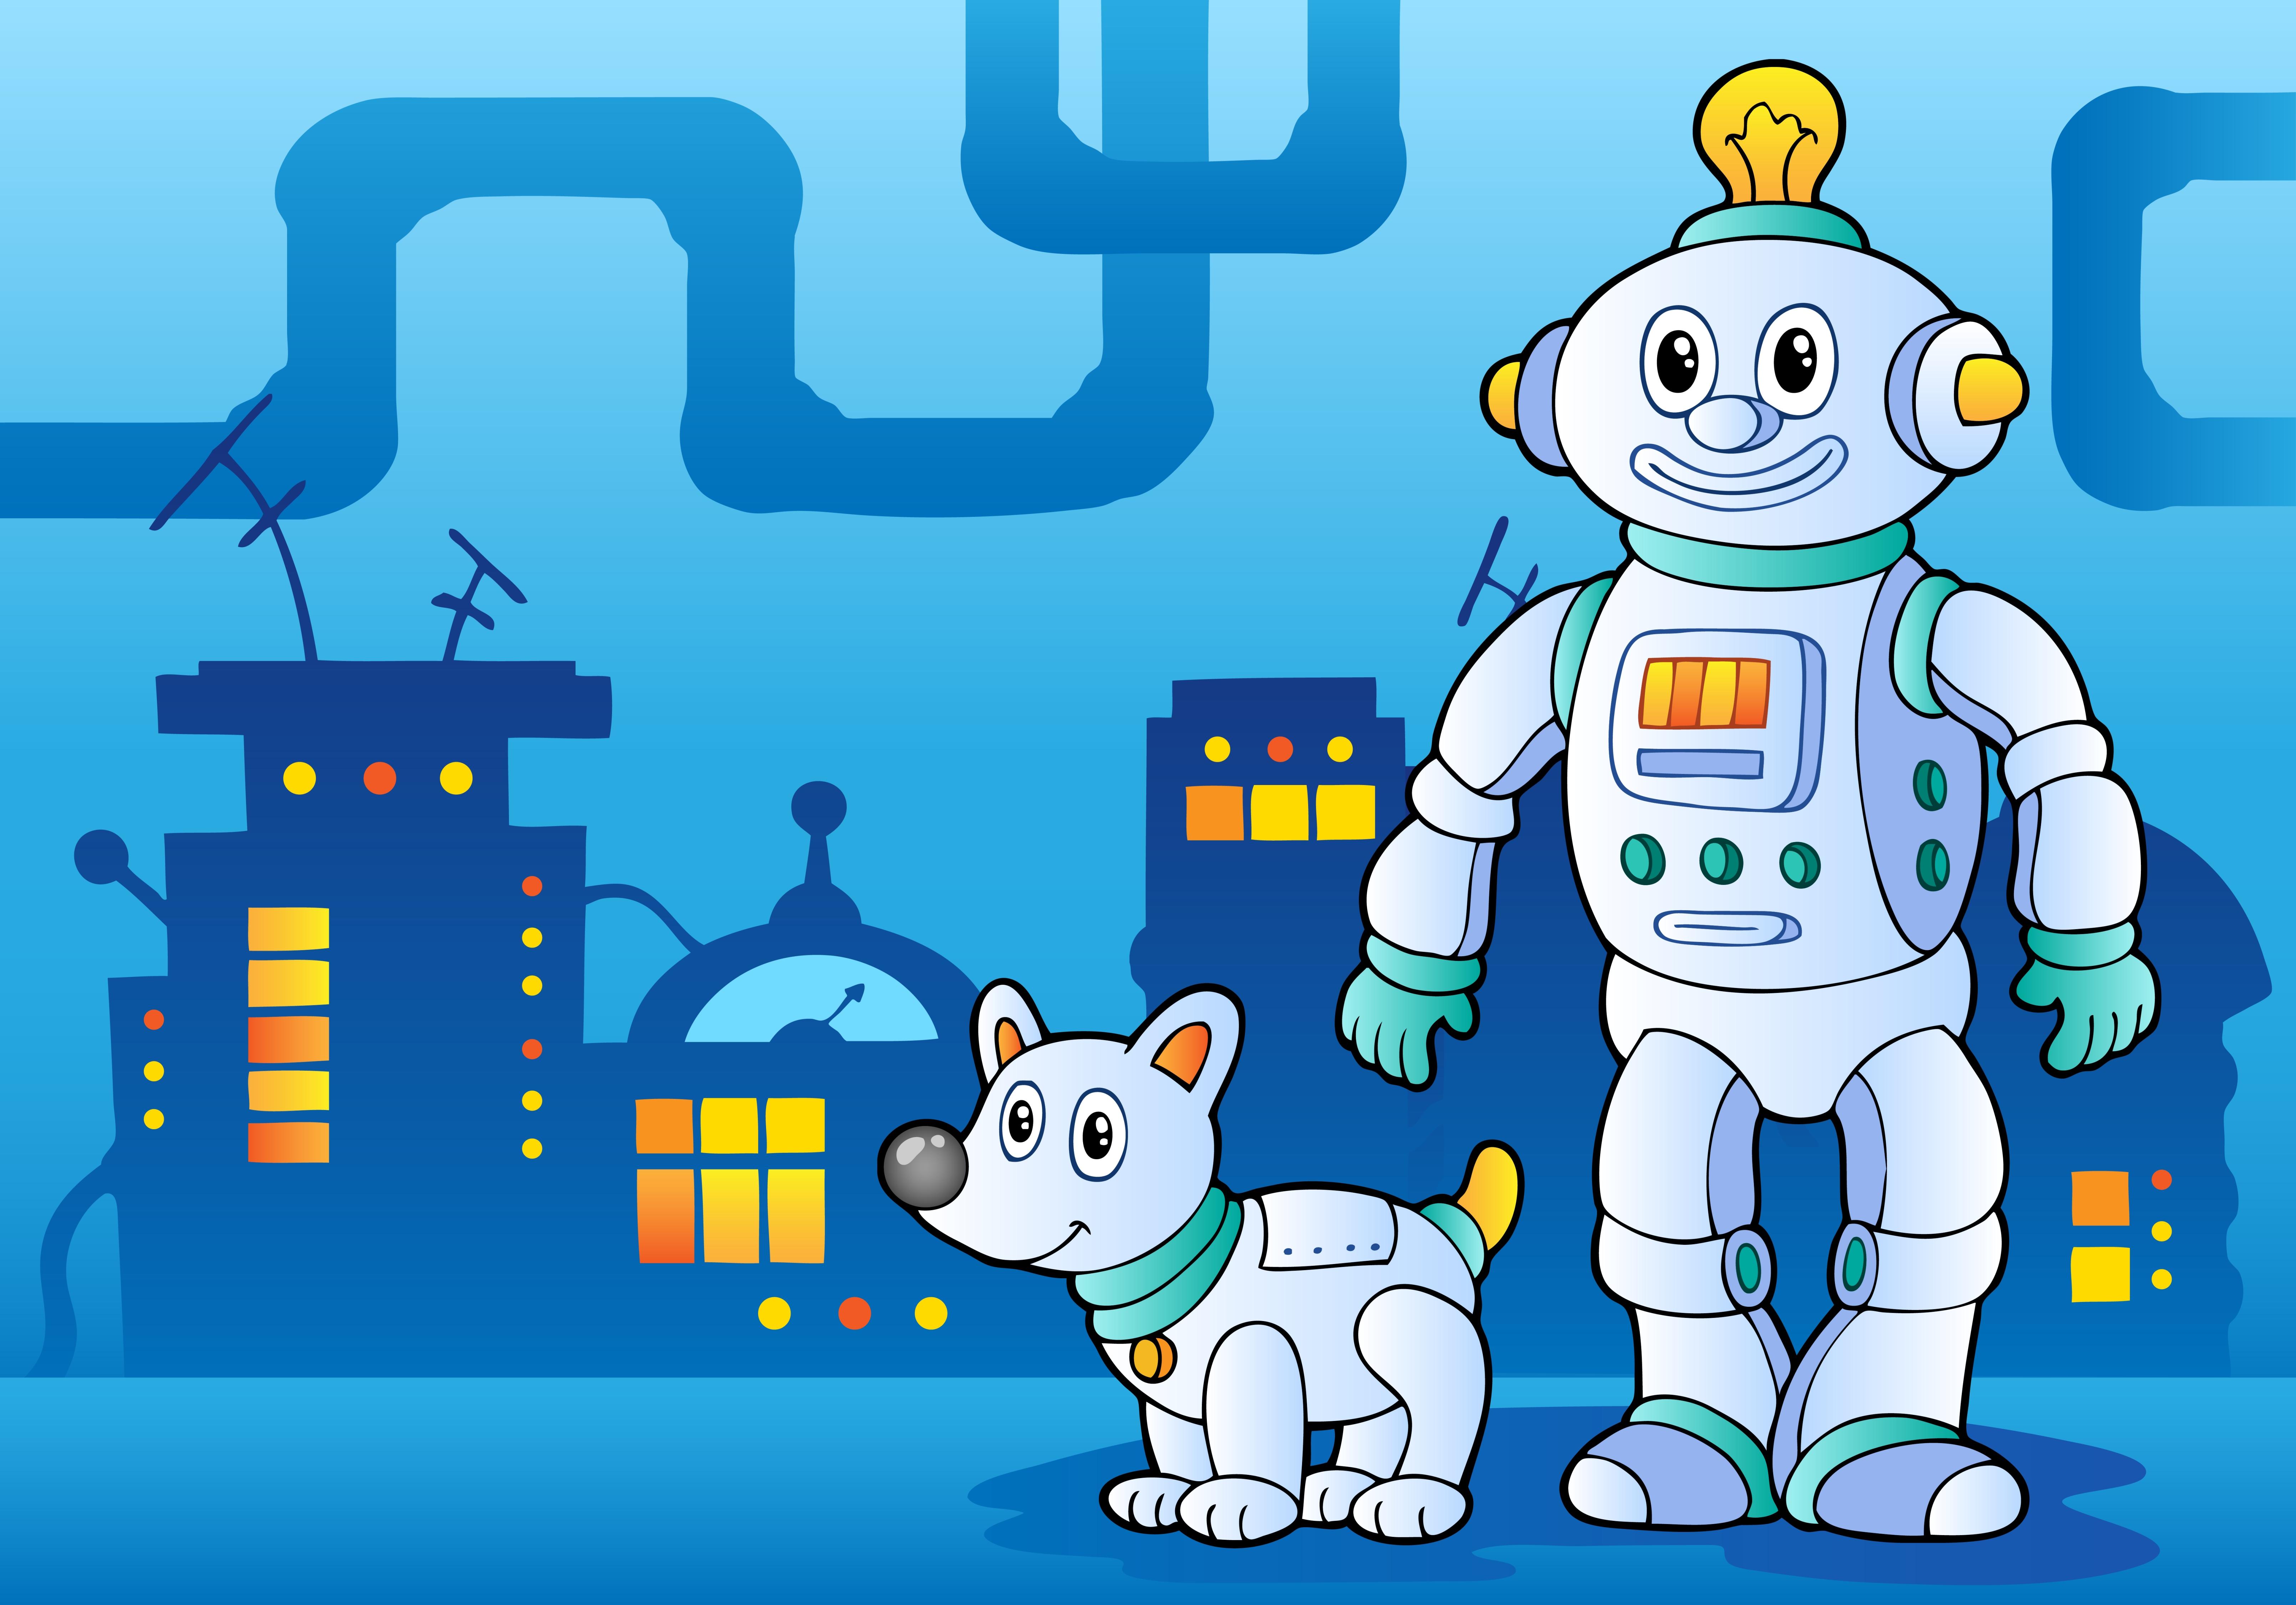 Anbud365: Robotassistenter og kompetansekrav - frukter av rivende teknologiutvikling